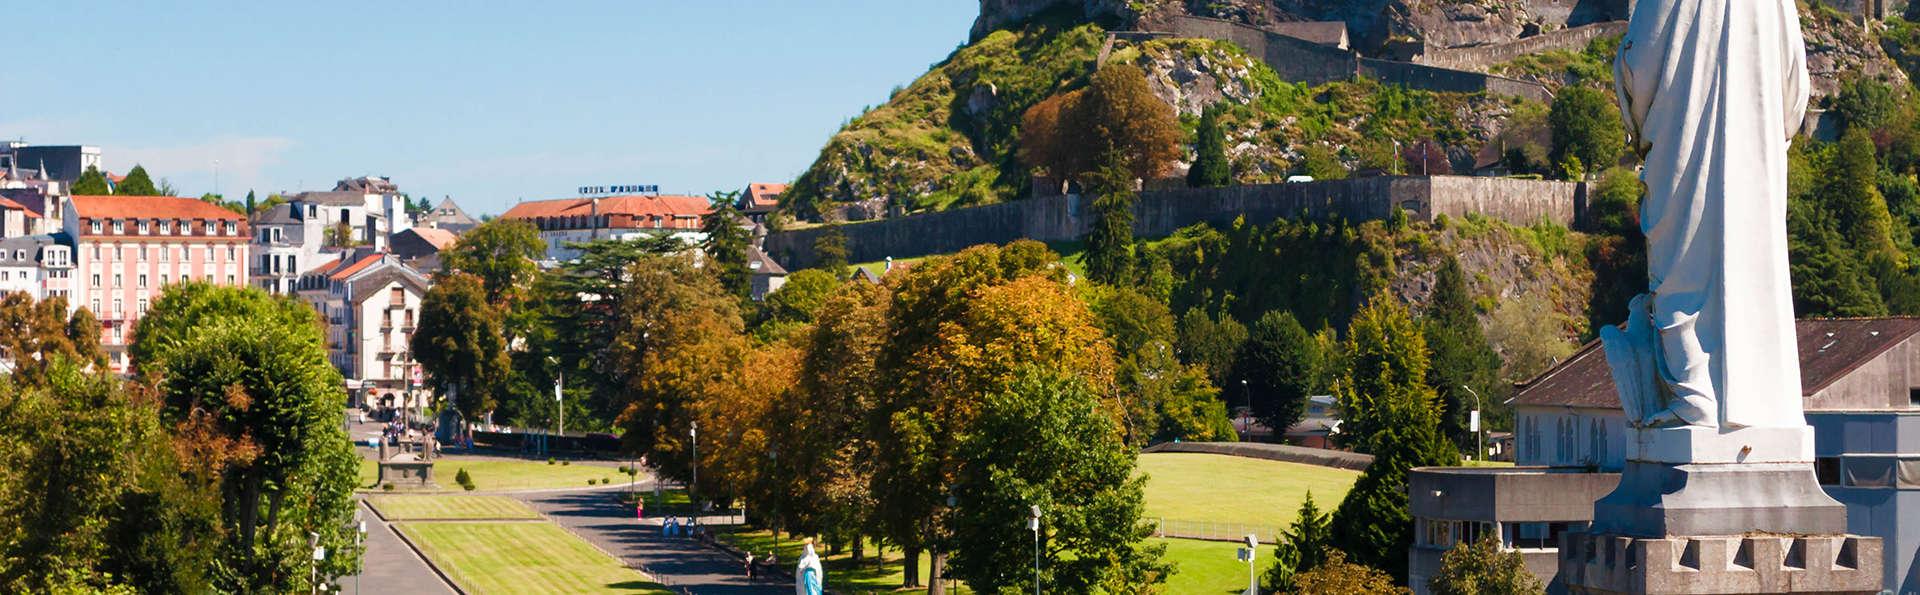 Escapade dans l'incontournable ville de Lourdes